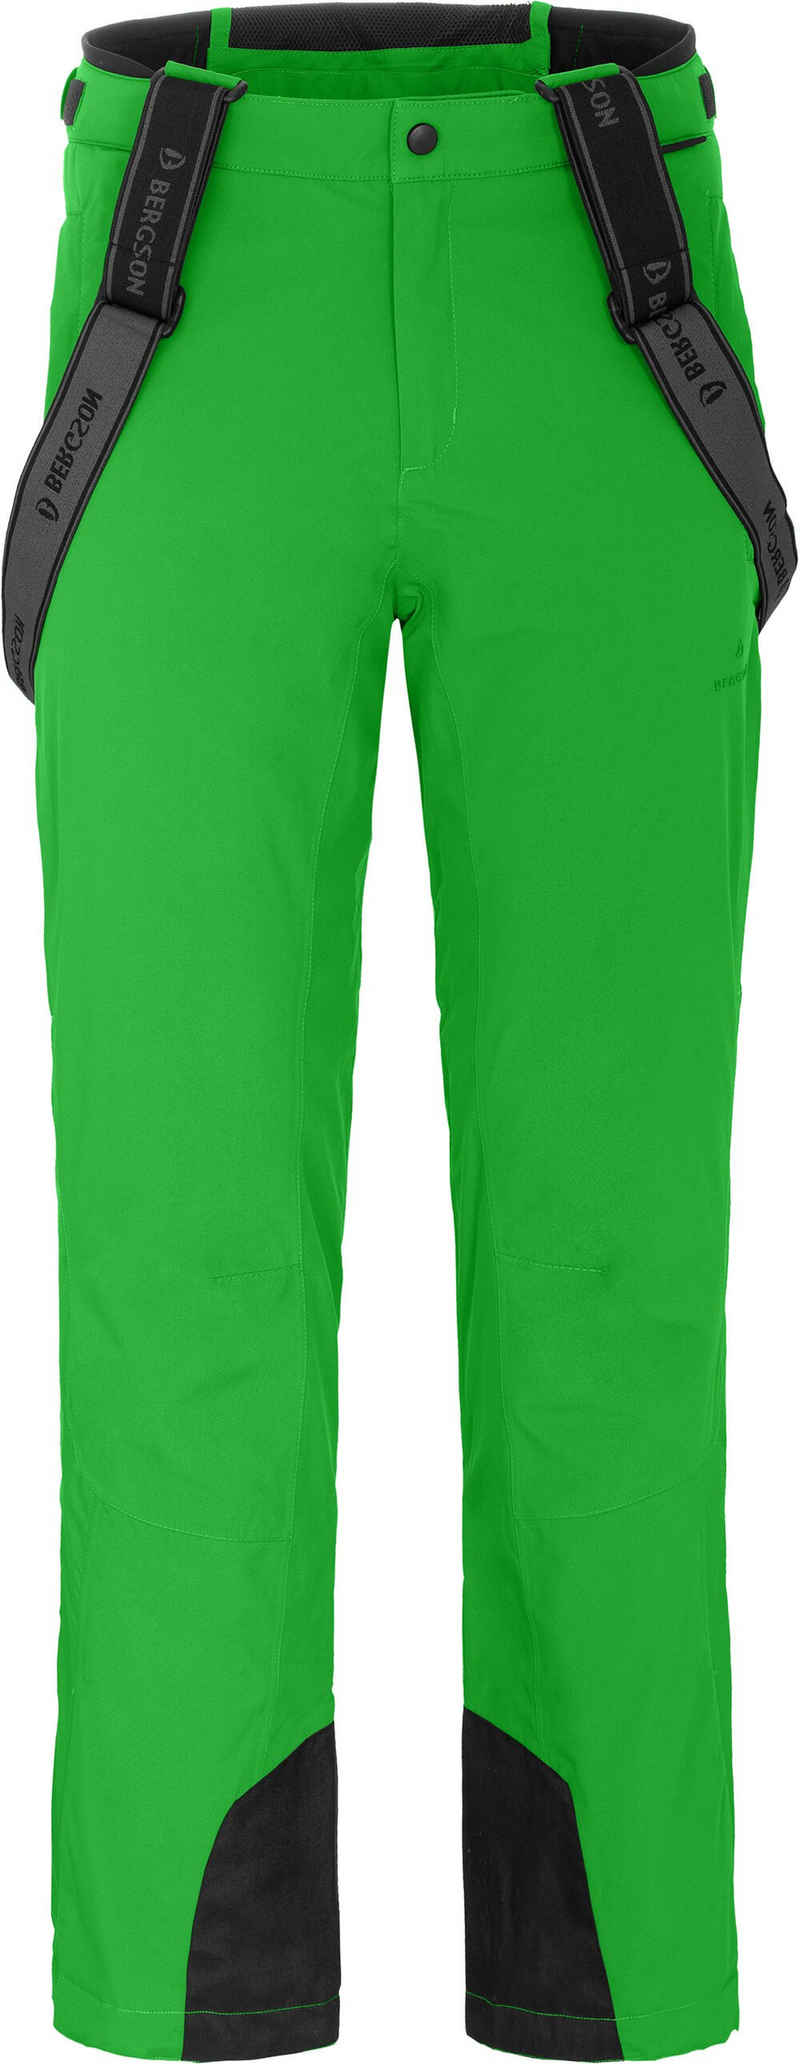 Bergson Skihose »FLEX« Herren Skihose, wattiert, bielastisch, 20000 mm Wassersäule, Normalgrößen, grün